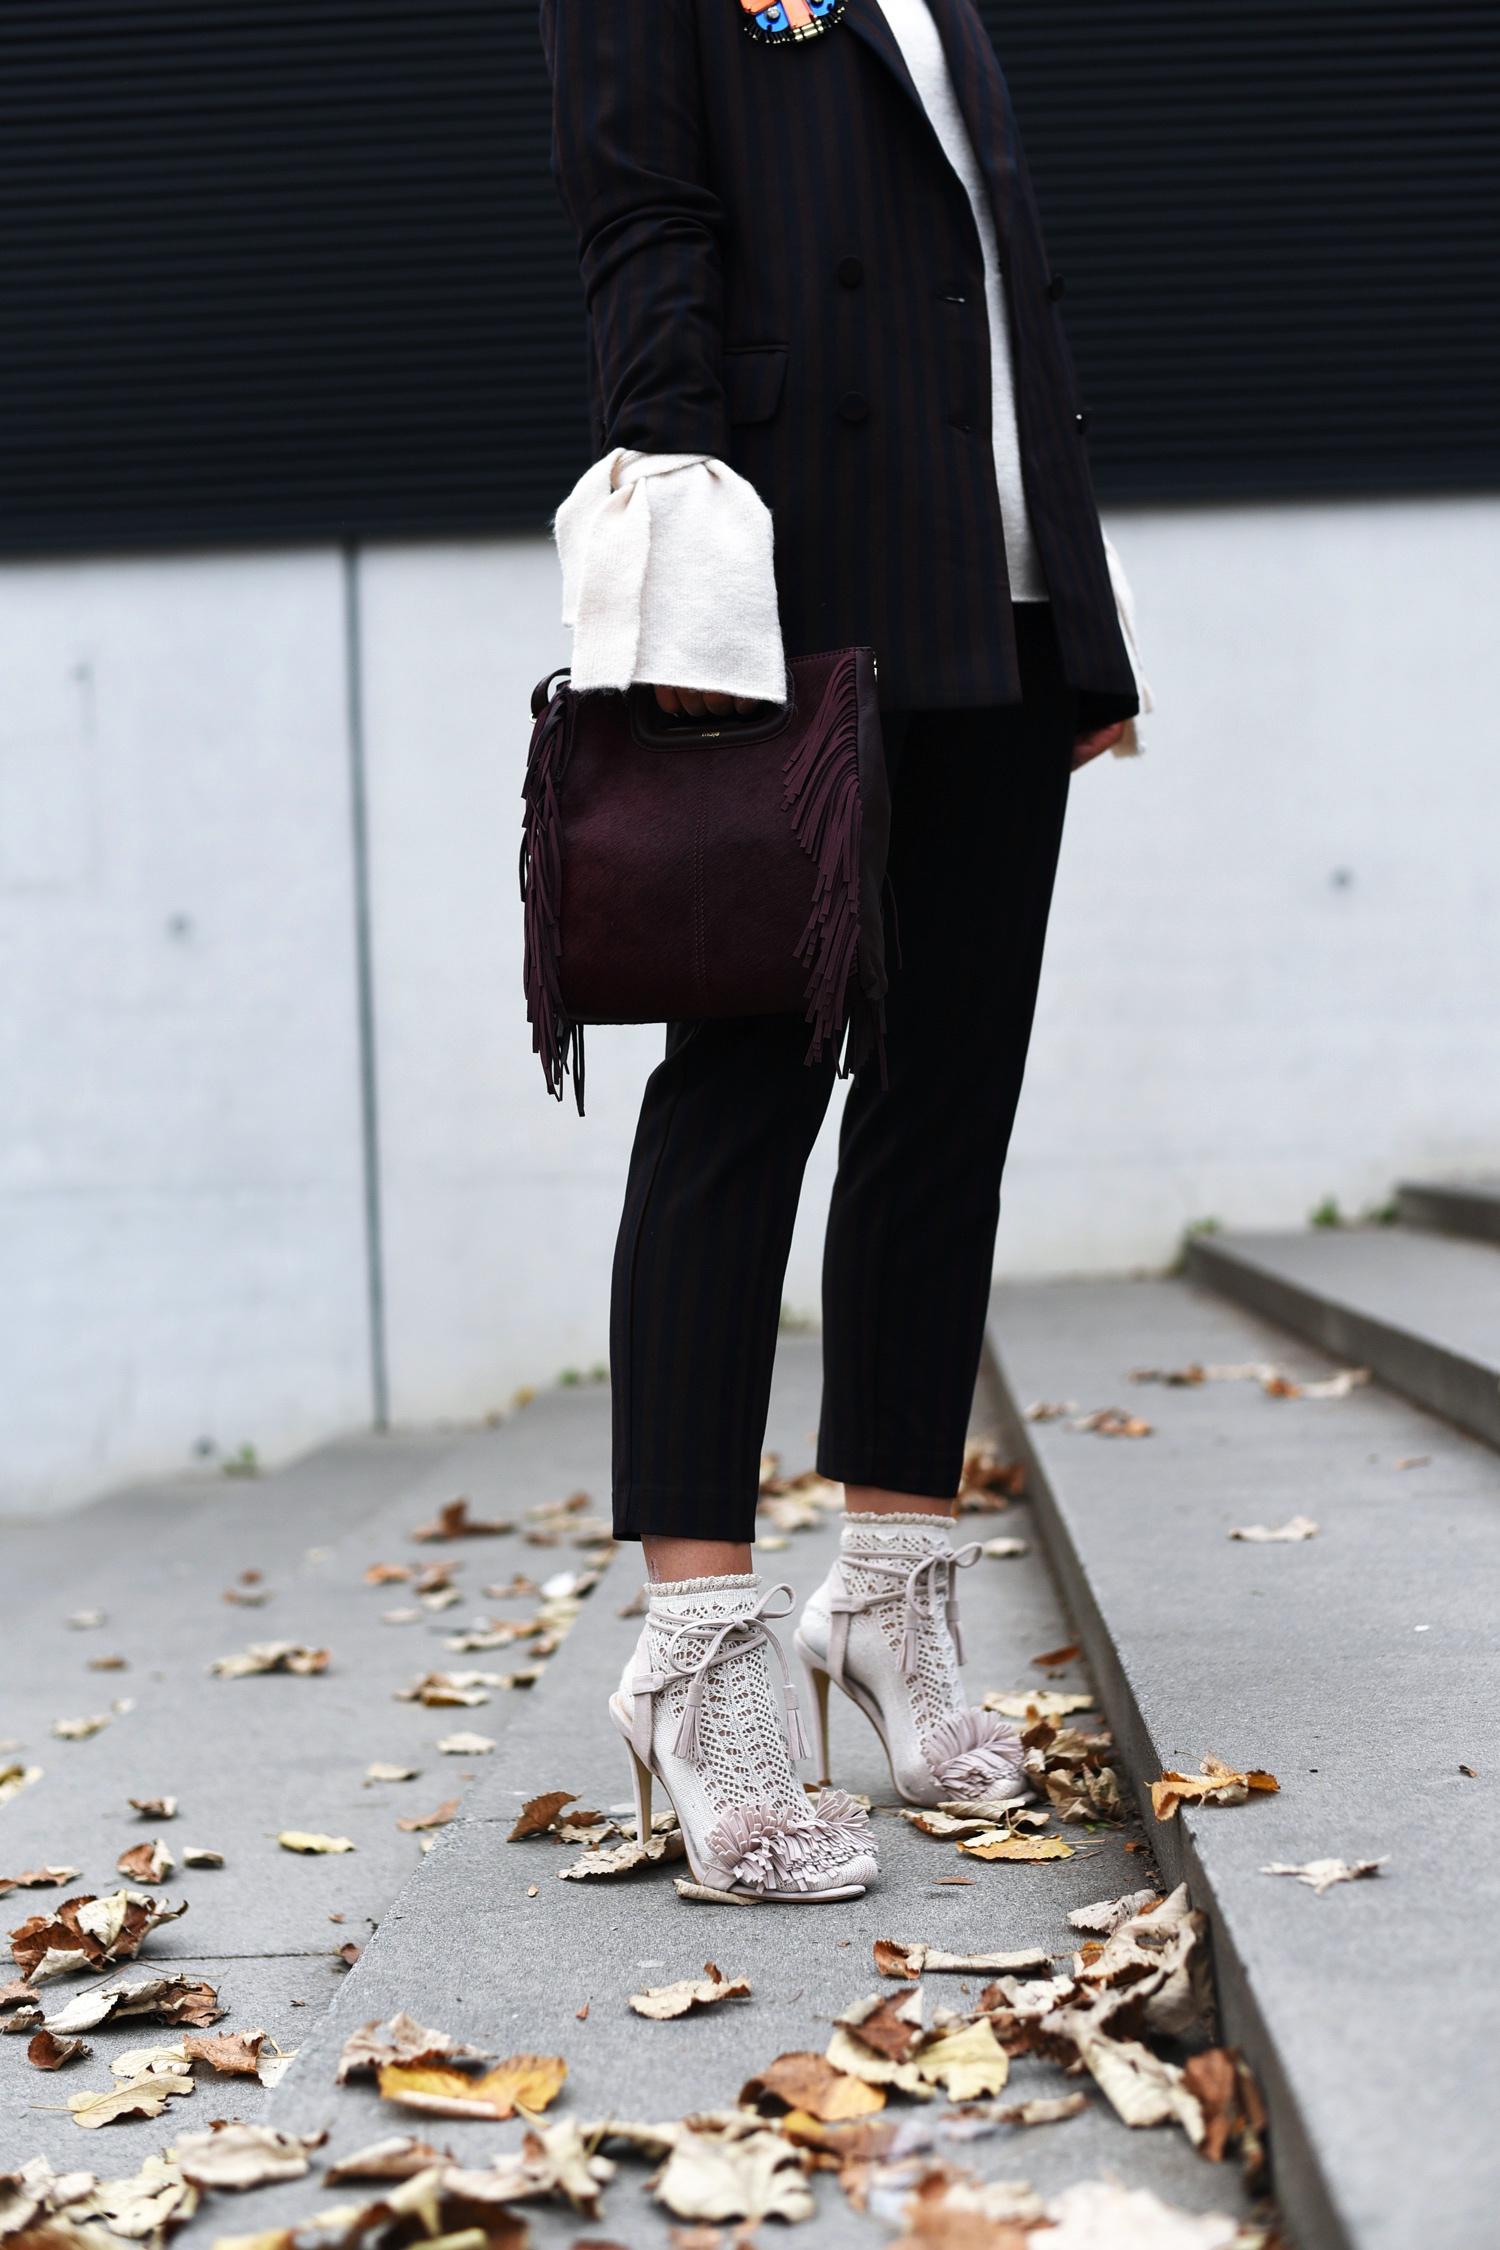 socken-in-sandalen-tragen-oufit-blogger-style-look-fashiioncarpet